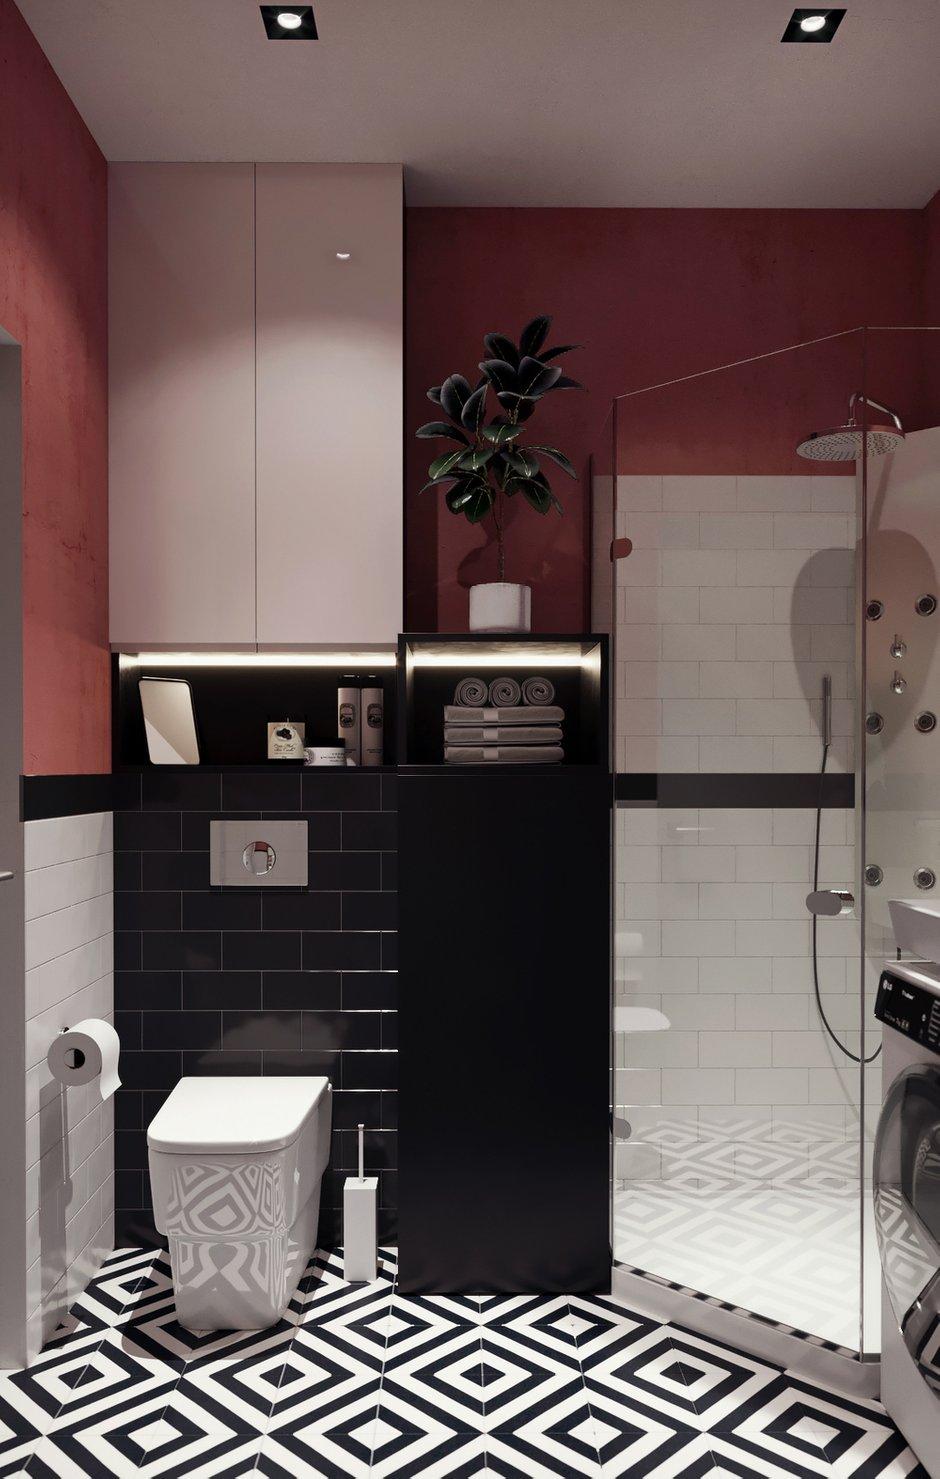 Фотография: Ванная в стиле Скандинавский, Малогабаритная квартира, Квартира, Студия, Проект недели, Москва, Монолитный дом, до 40 метров, Anova Interior Design – фото на INMYROOM